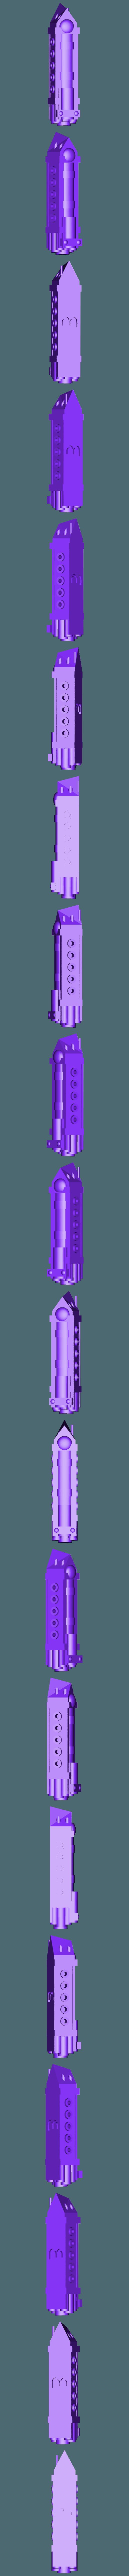 Battleship.stl Télécharger fichier STL gratuit Pièces de jeu de vaisseau spatial • Design pour impression 3D, Onyxia